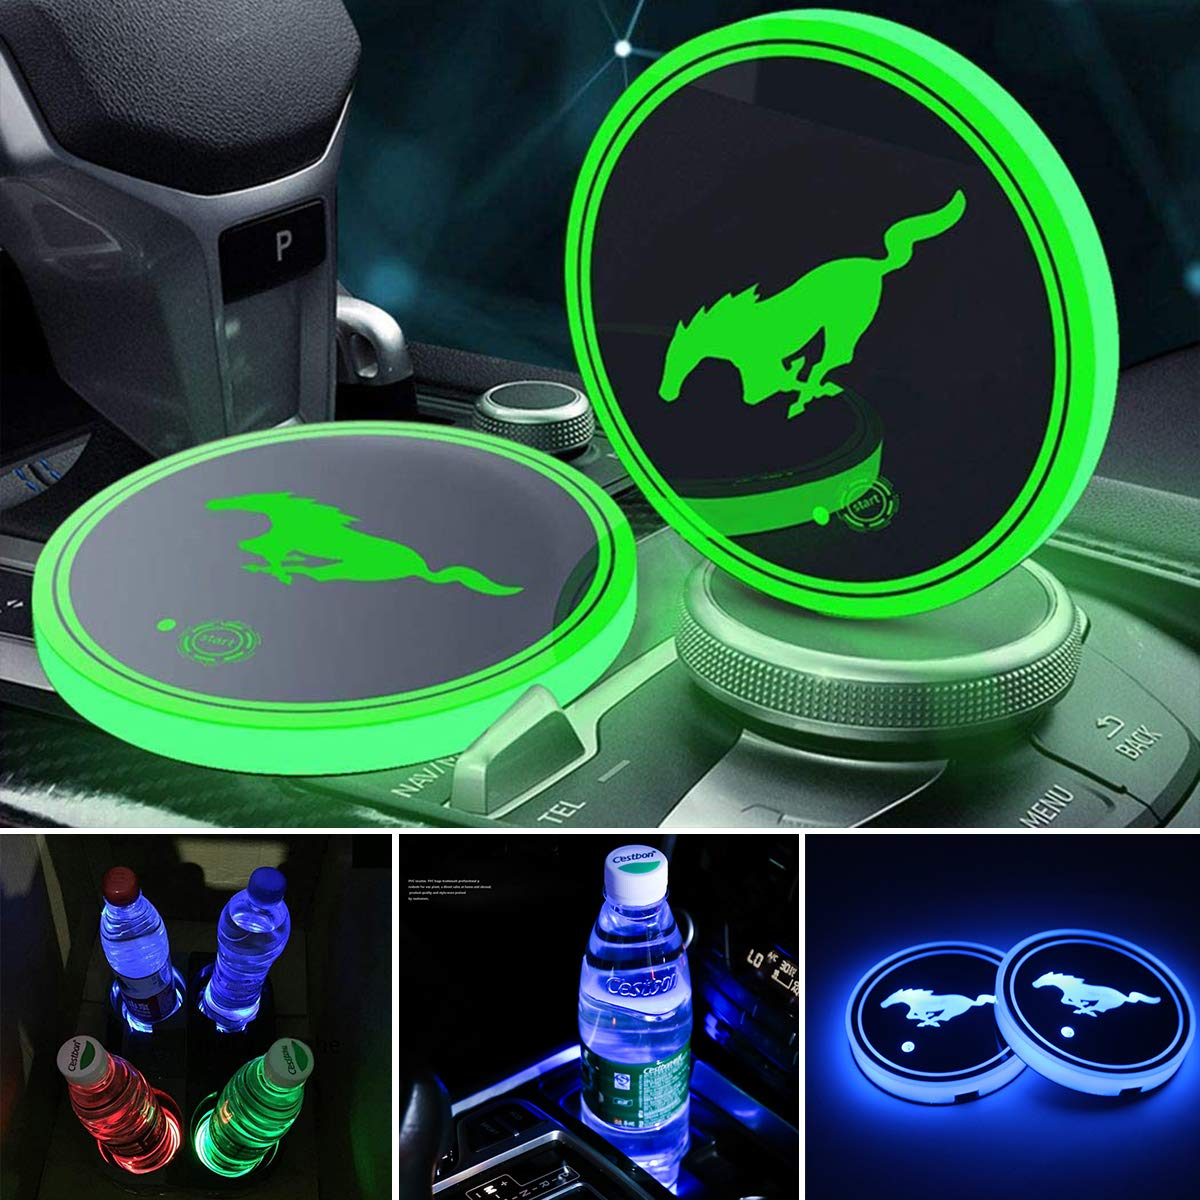 Support de tasse /à LED Tapis de protection Tapis de tasse /à LED Benz coaster 7 Couleurs changeantes Tapis de charge USB Coupe-vent Pad de protection Tapis /à LED Int/érieur de lampe de d/écoration 2PCS